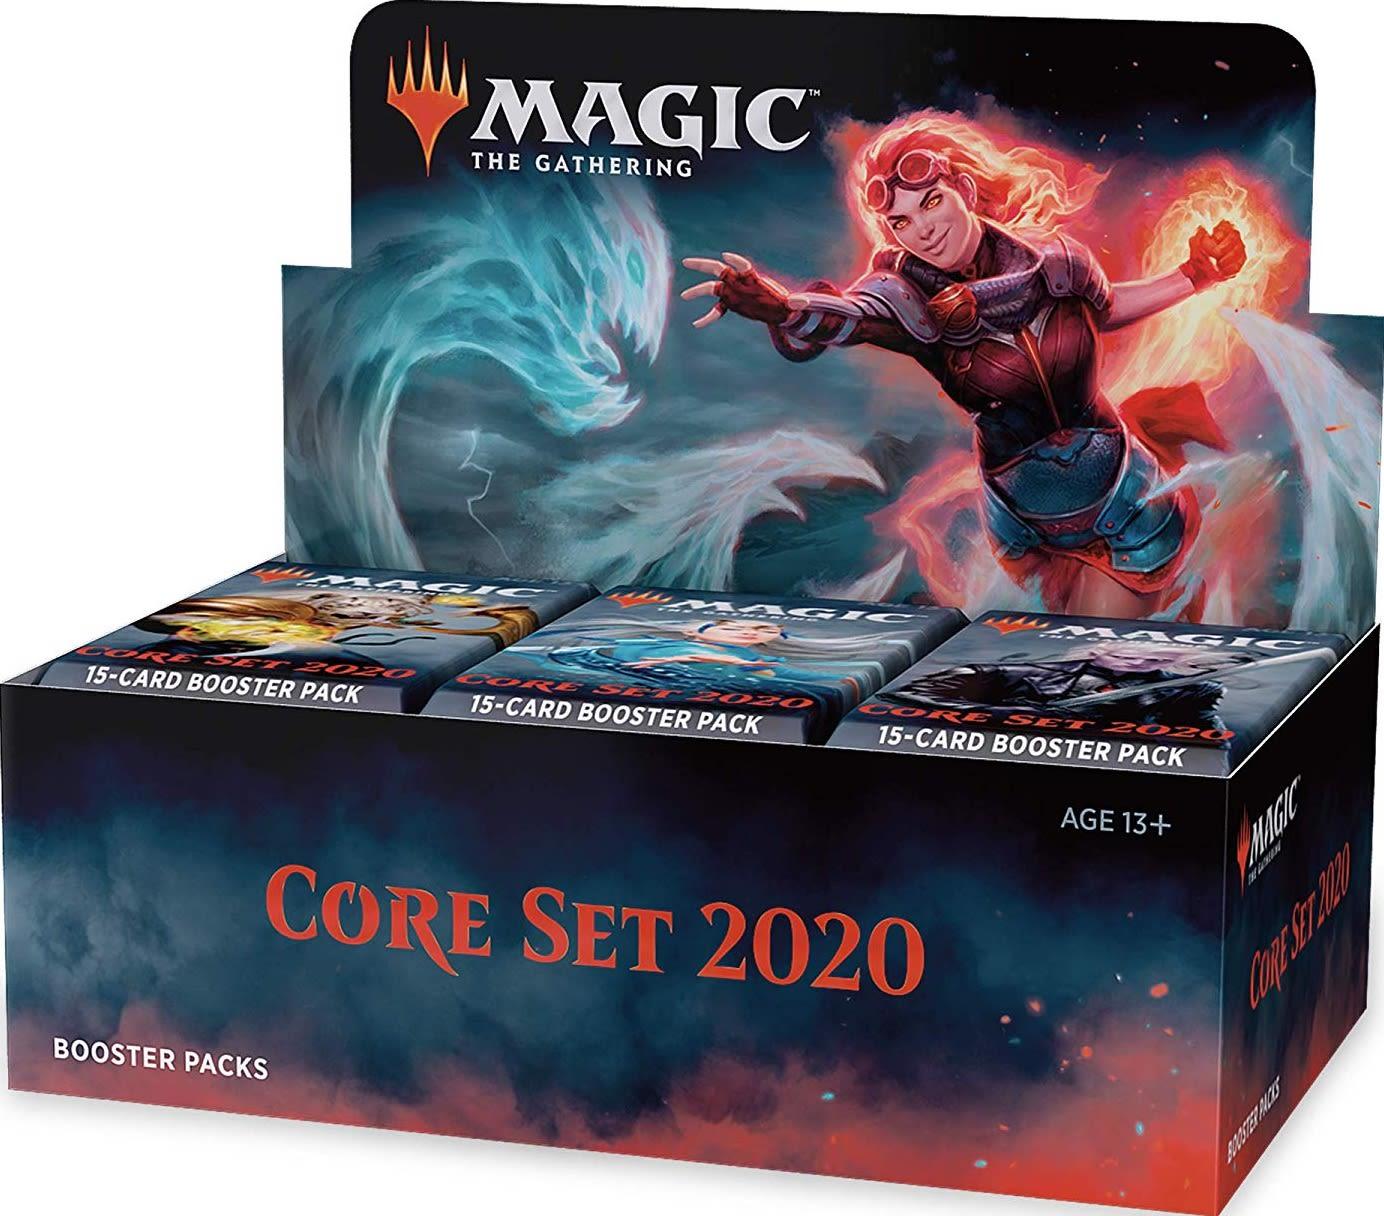 Core Set 2020